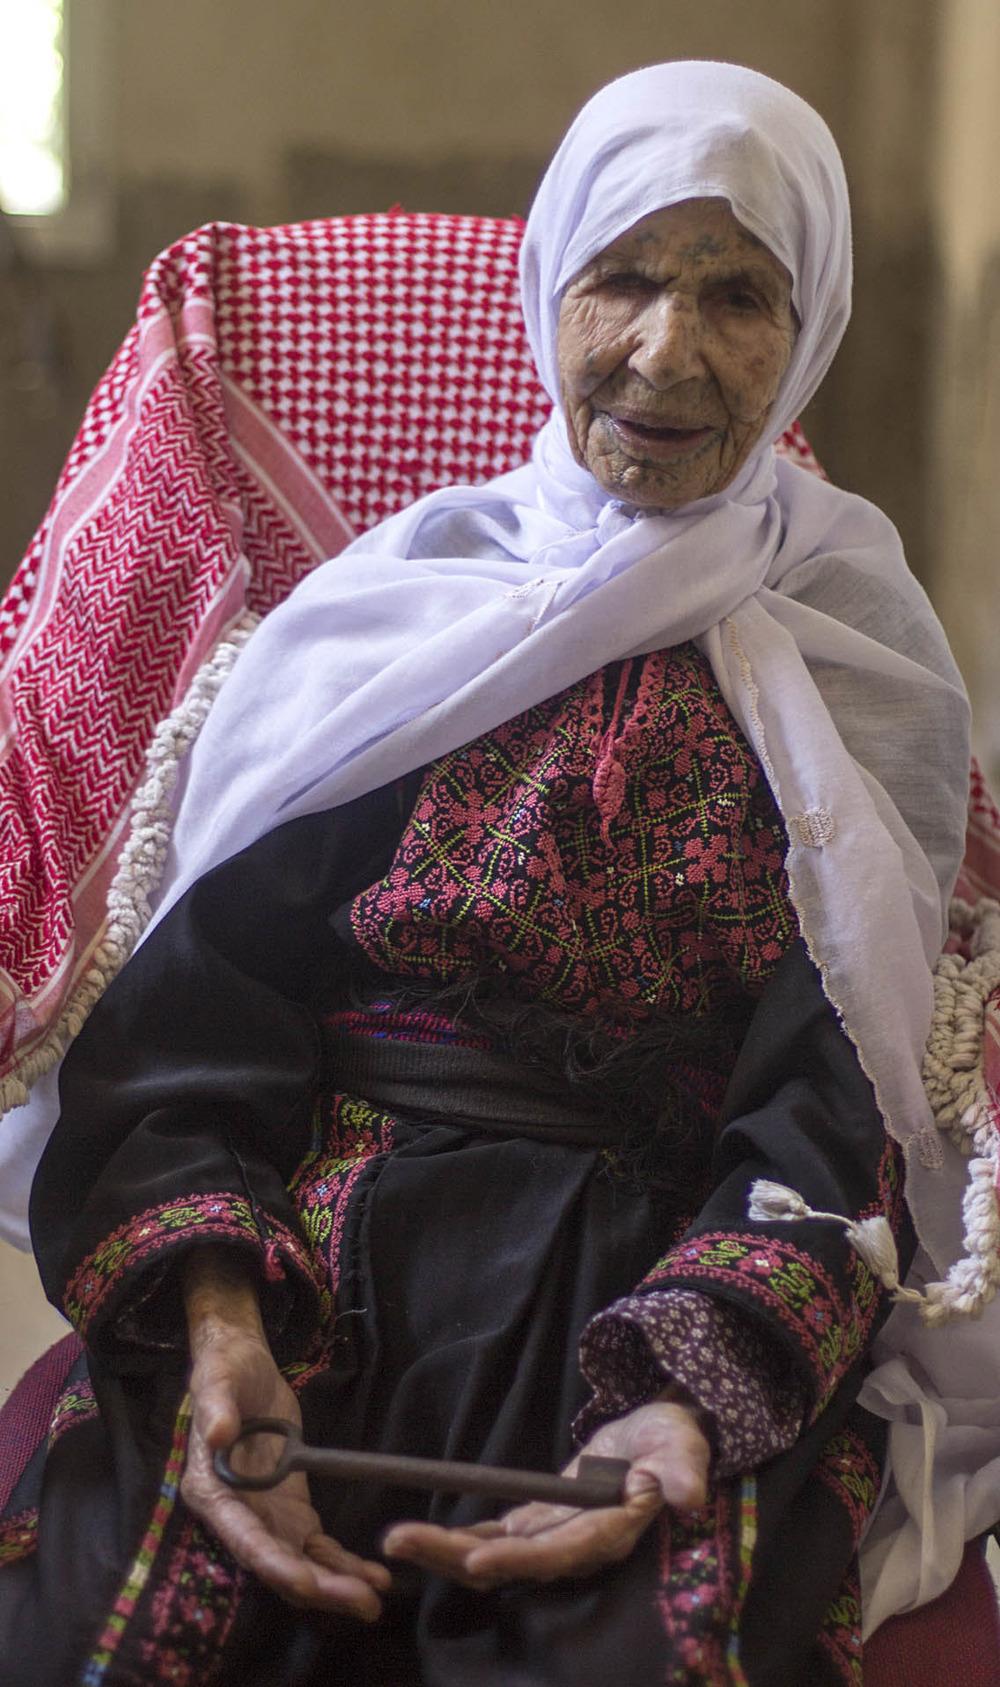 Foto : Kafra, palestina refugiada por años en el campo de Dheisheh en Belén (Cisjordania).